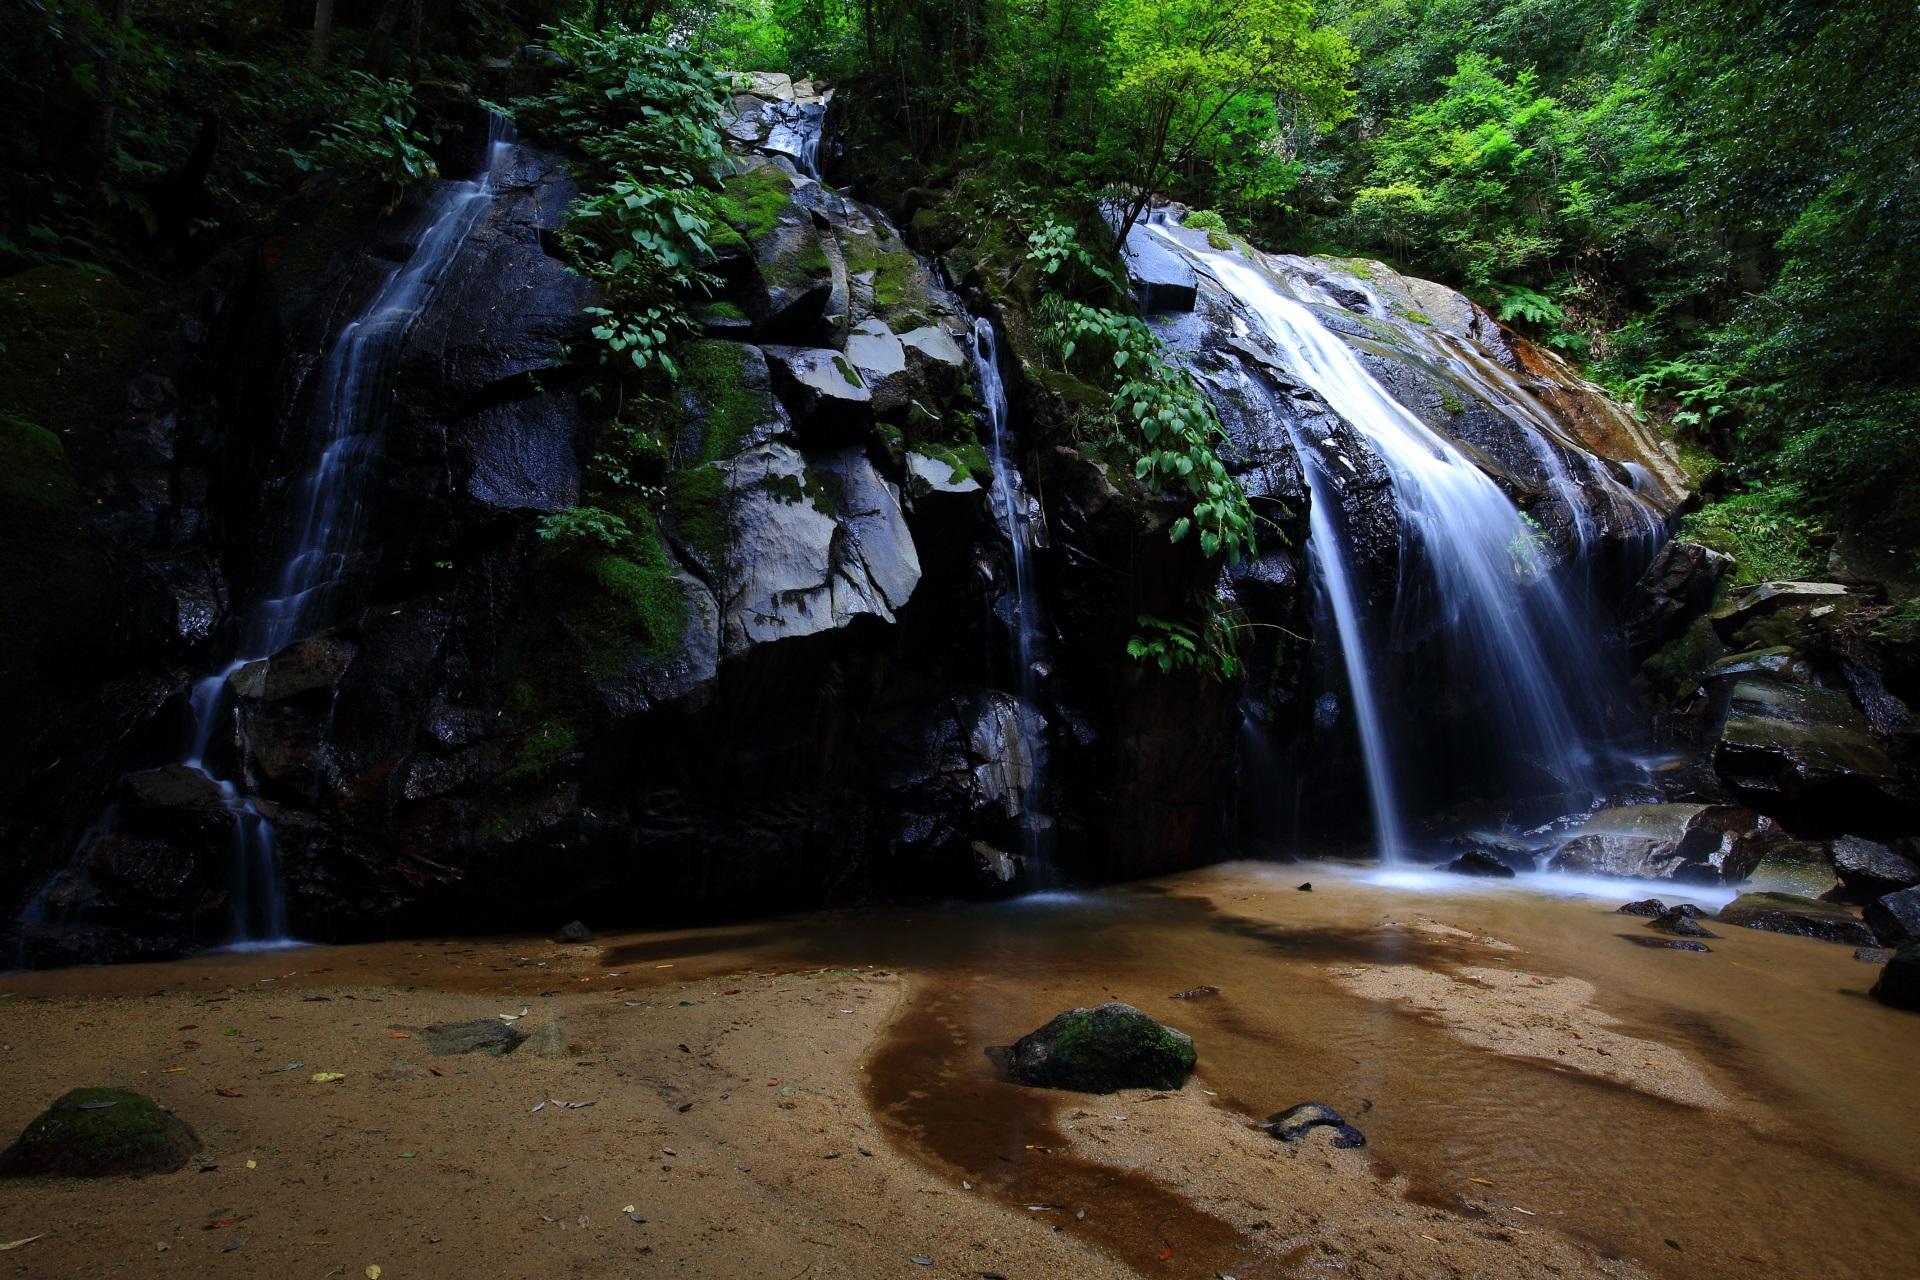 岩と緑と水が美しい金引の滝